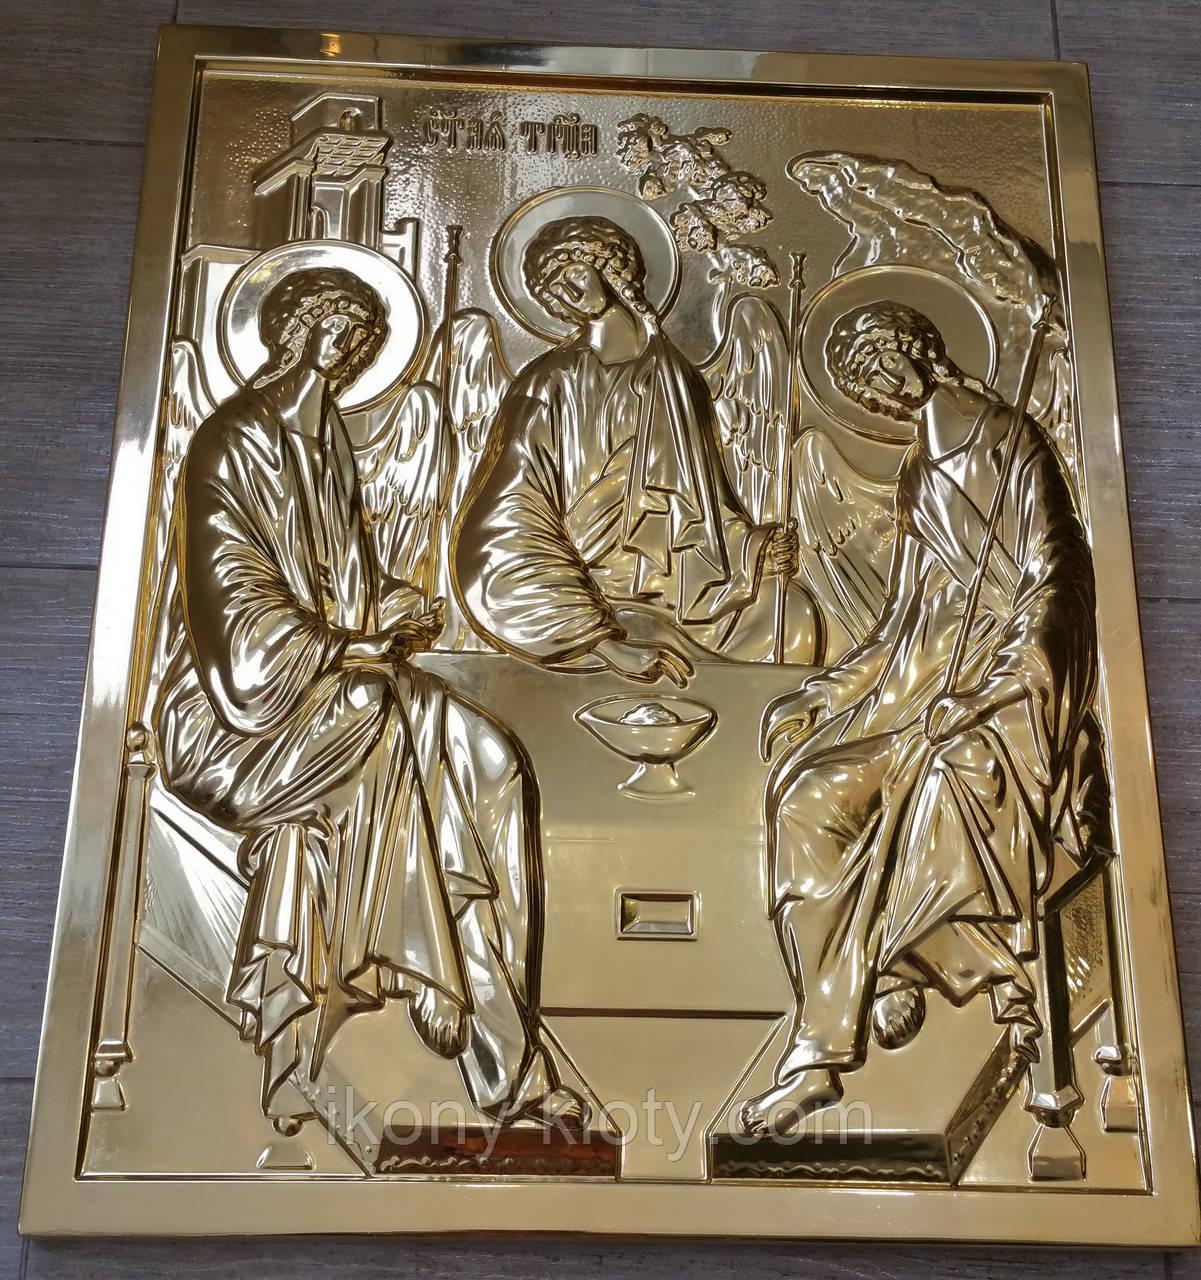 Золочение сусальным золотом резной иконы Святой Троицы.